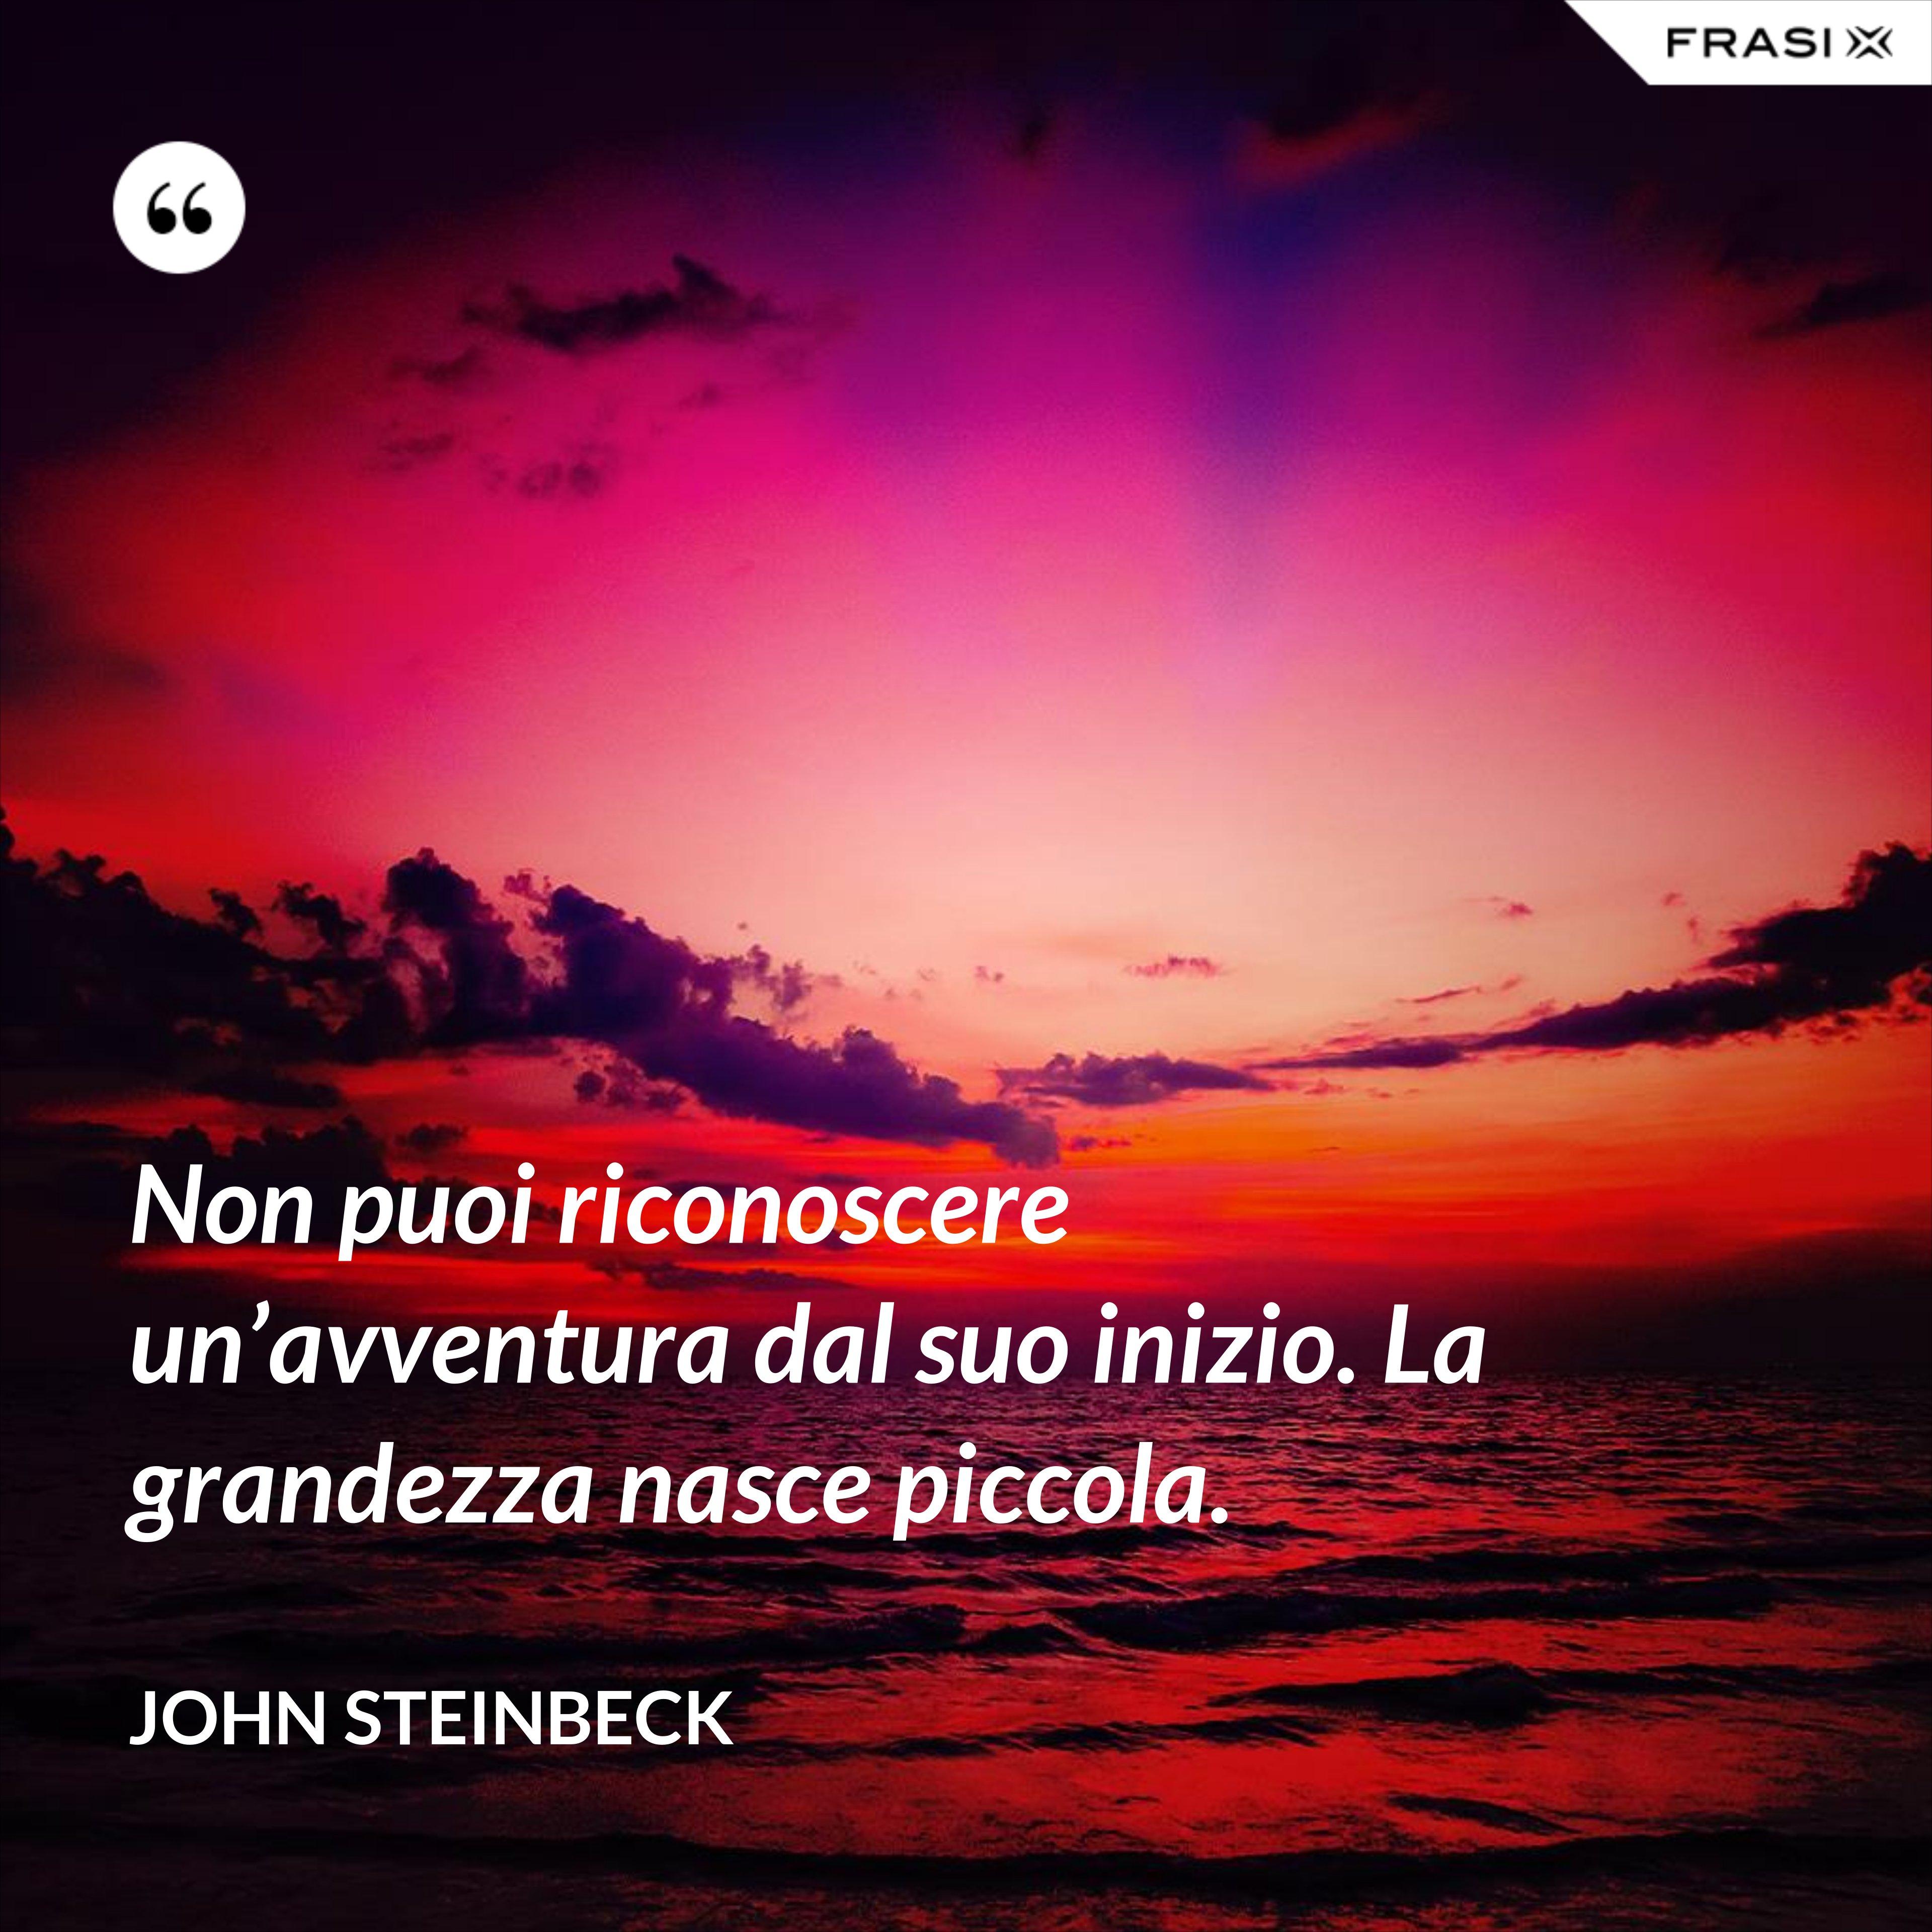 Non puoi riconoscere un'avventura dal suo inizio. La grandezza nasce piccola. - John Steinbeck